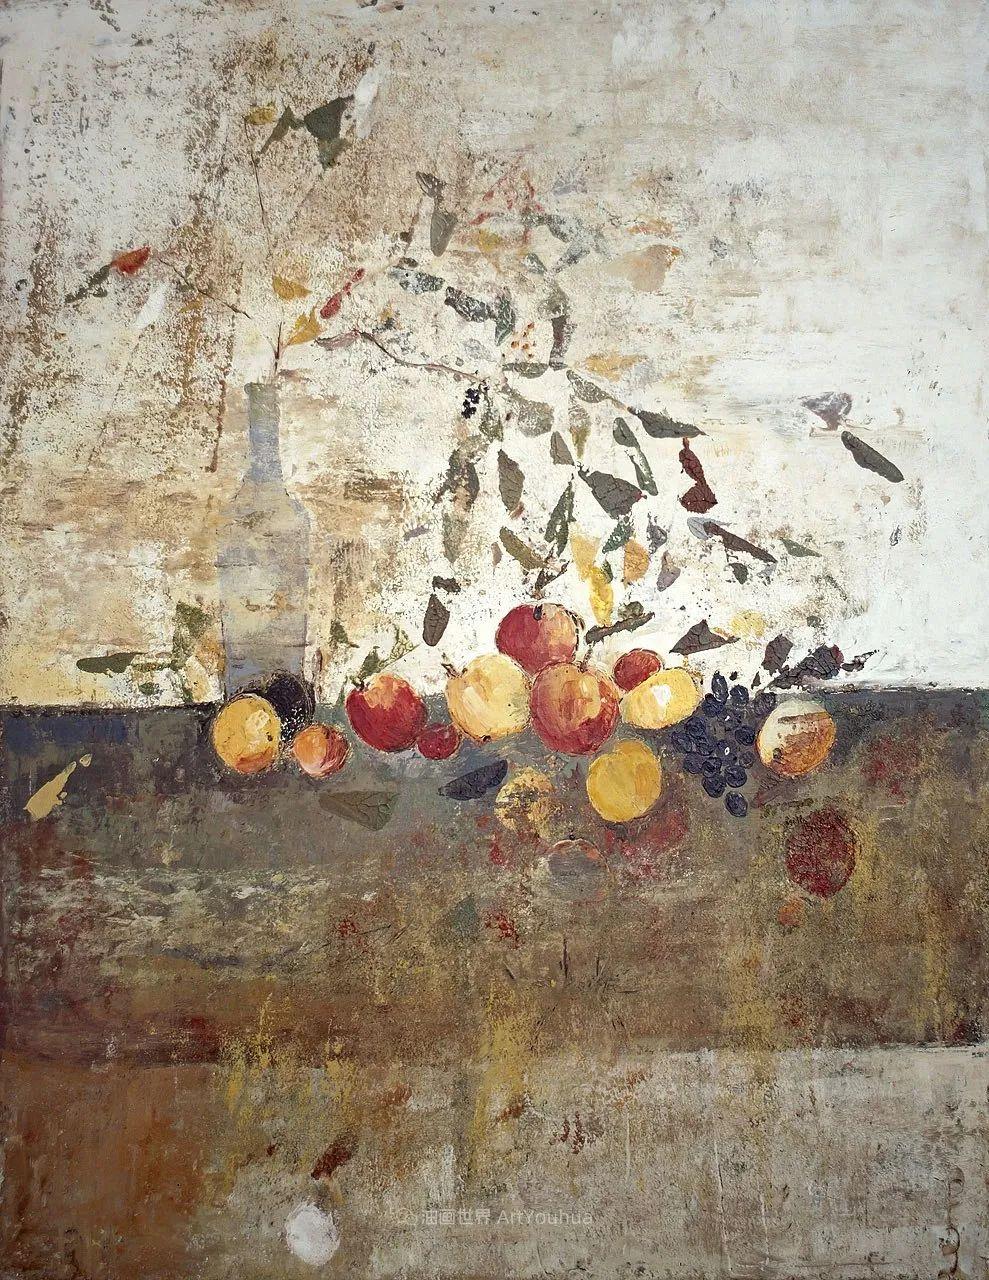 马耳他女画家 Goxwa Borg 戈克斯瓦·博格作品欣赏: 古典又现代!插图31